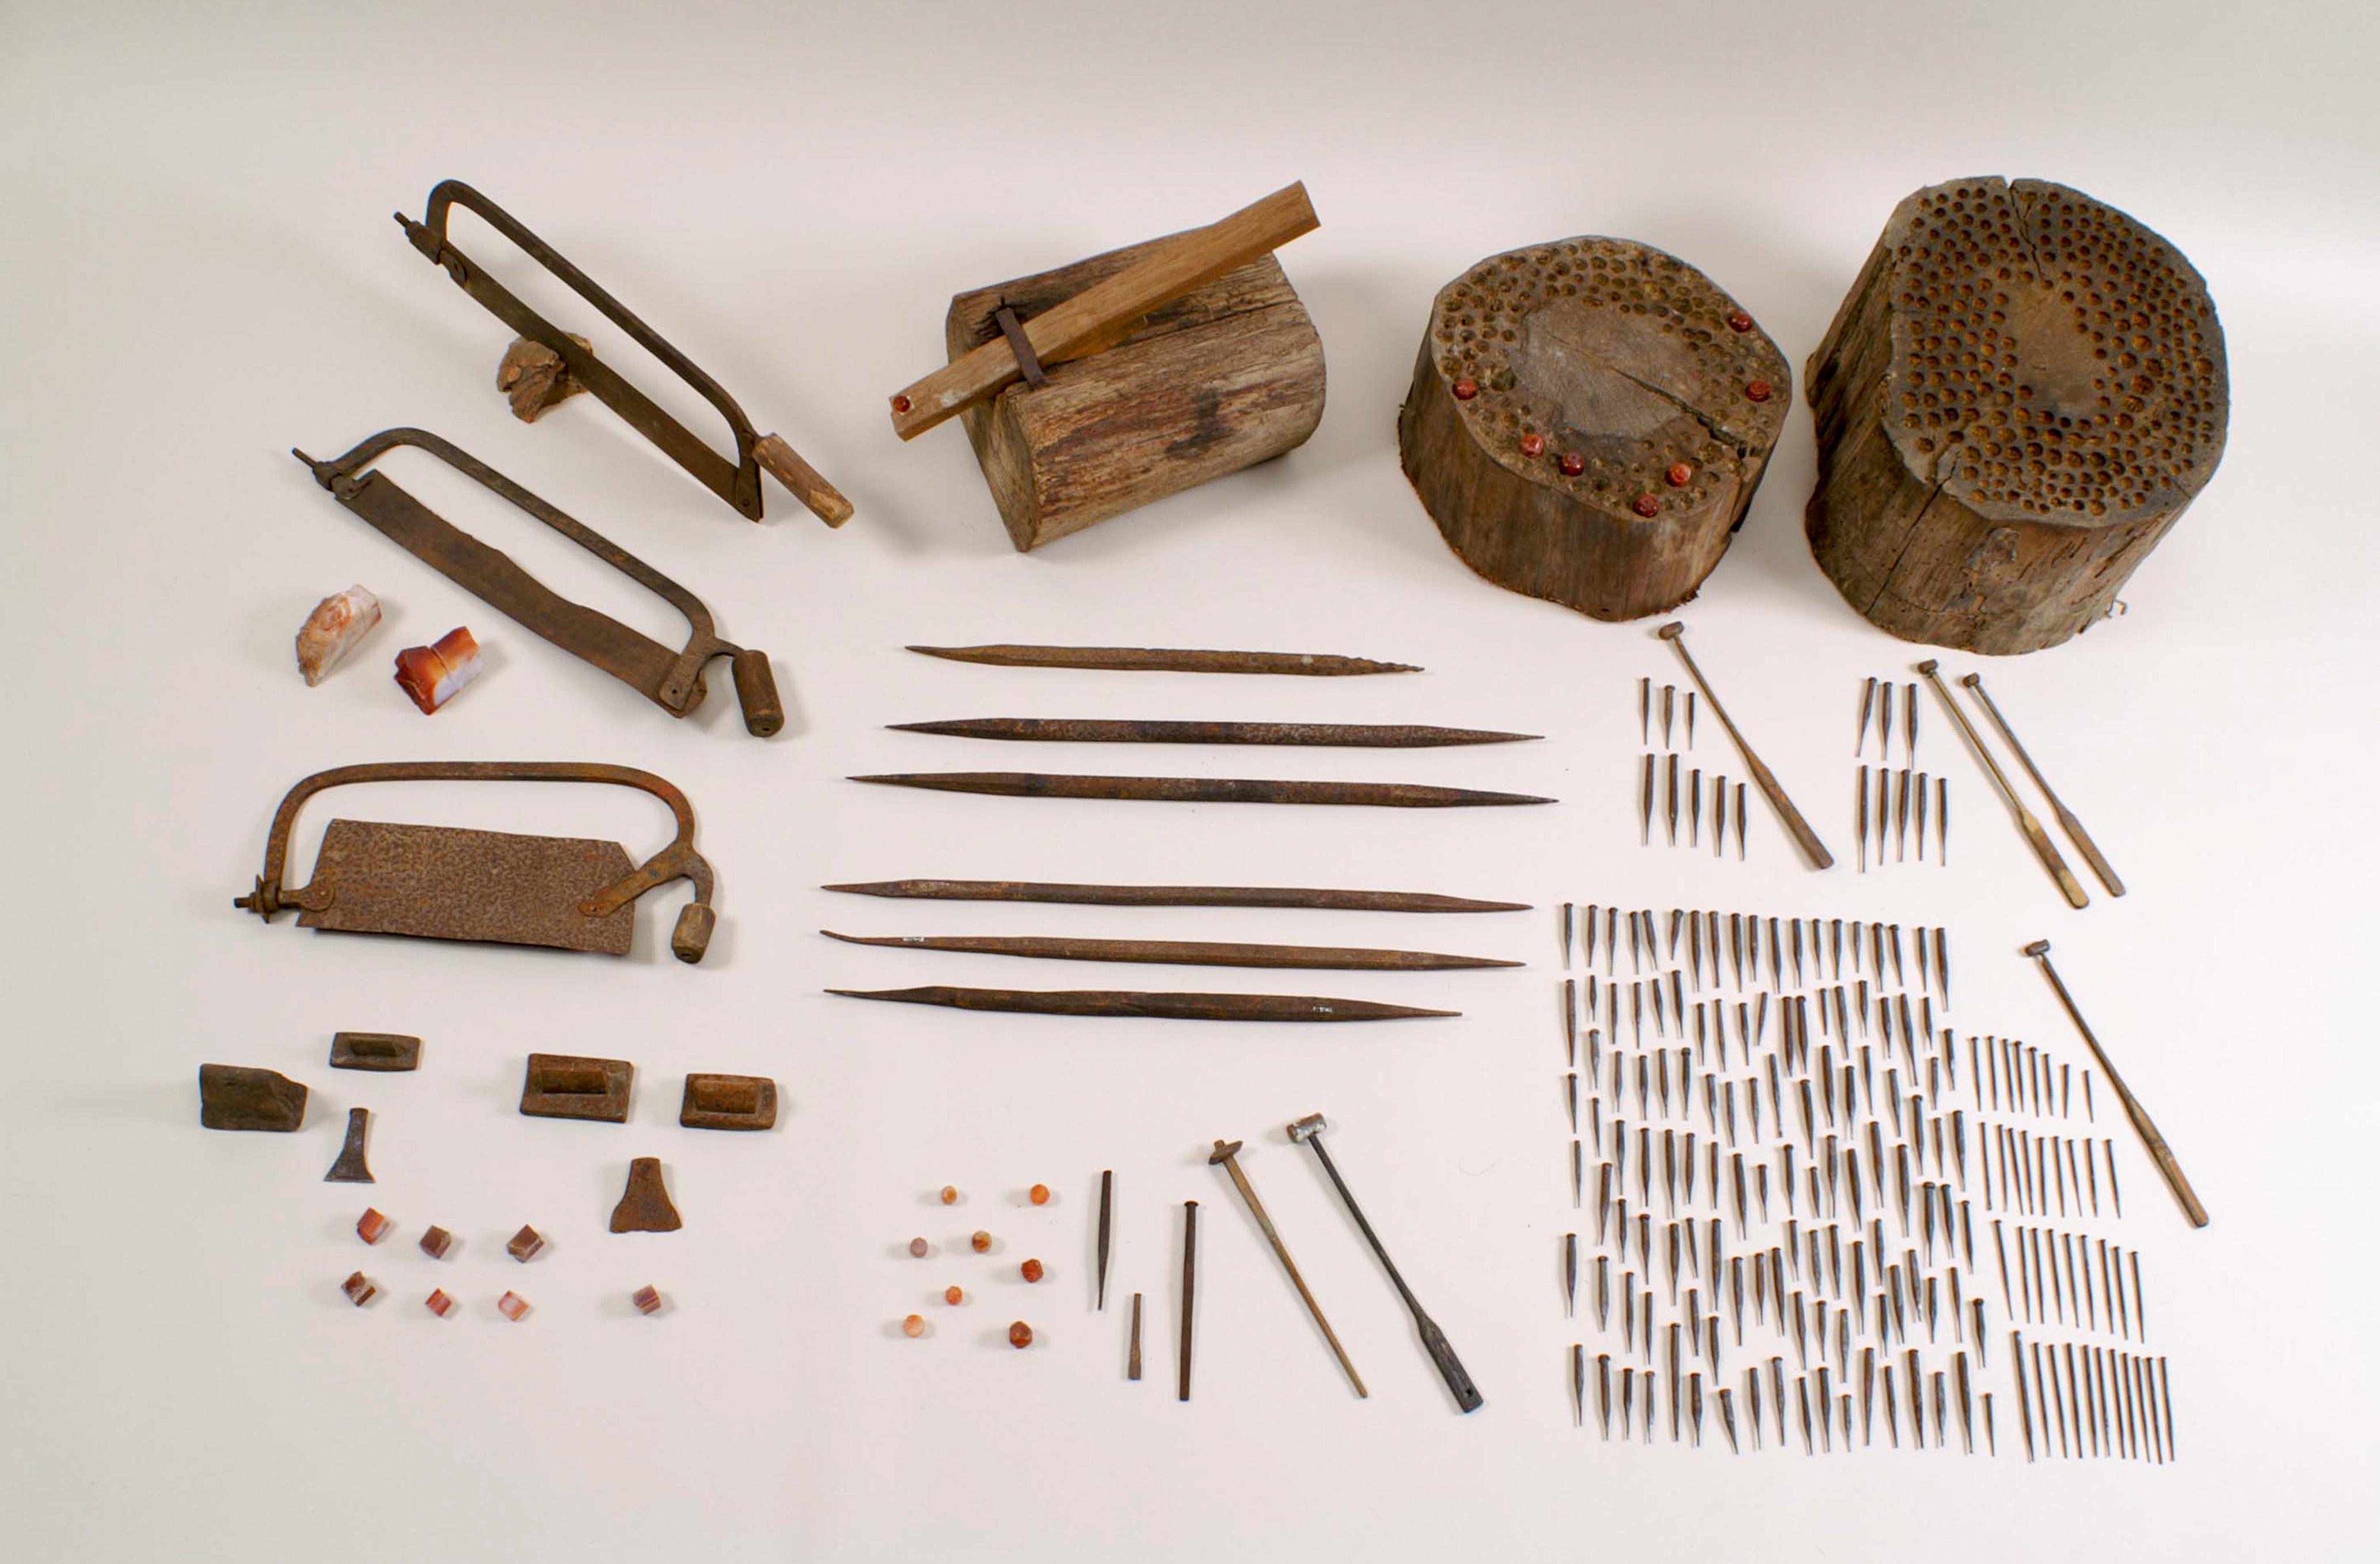 若狭めのうの玉磨用具(国登録有形民俗文化財、当館保管)